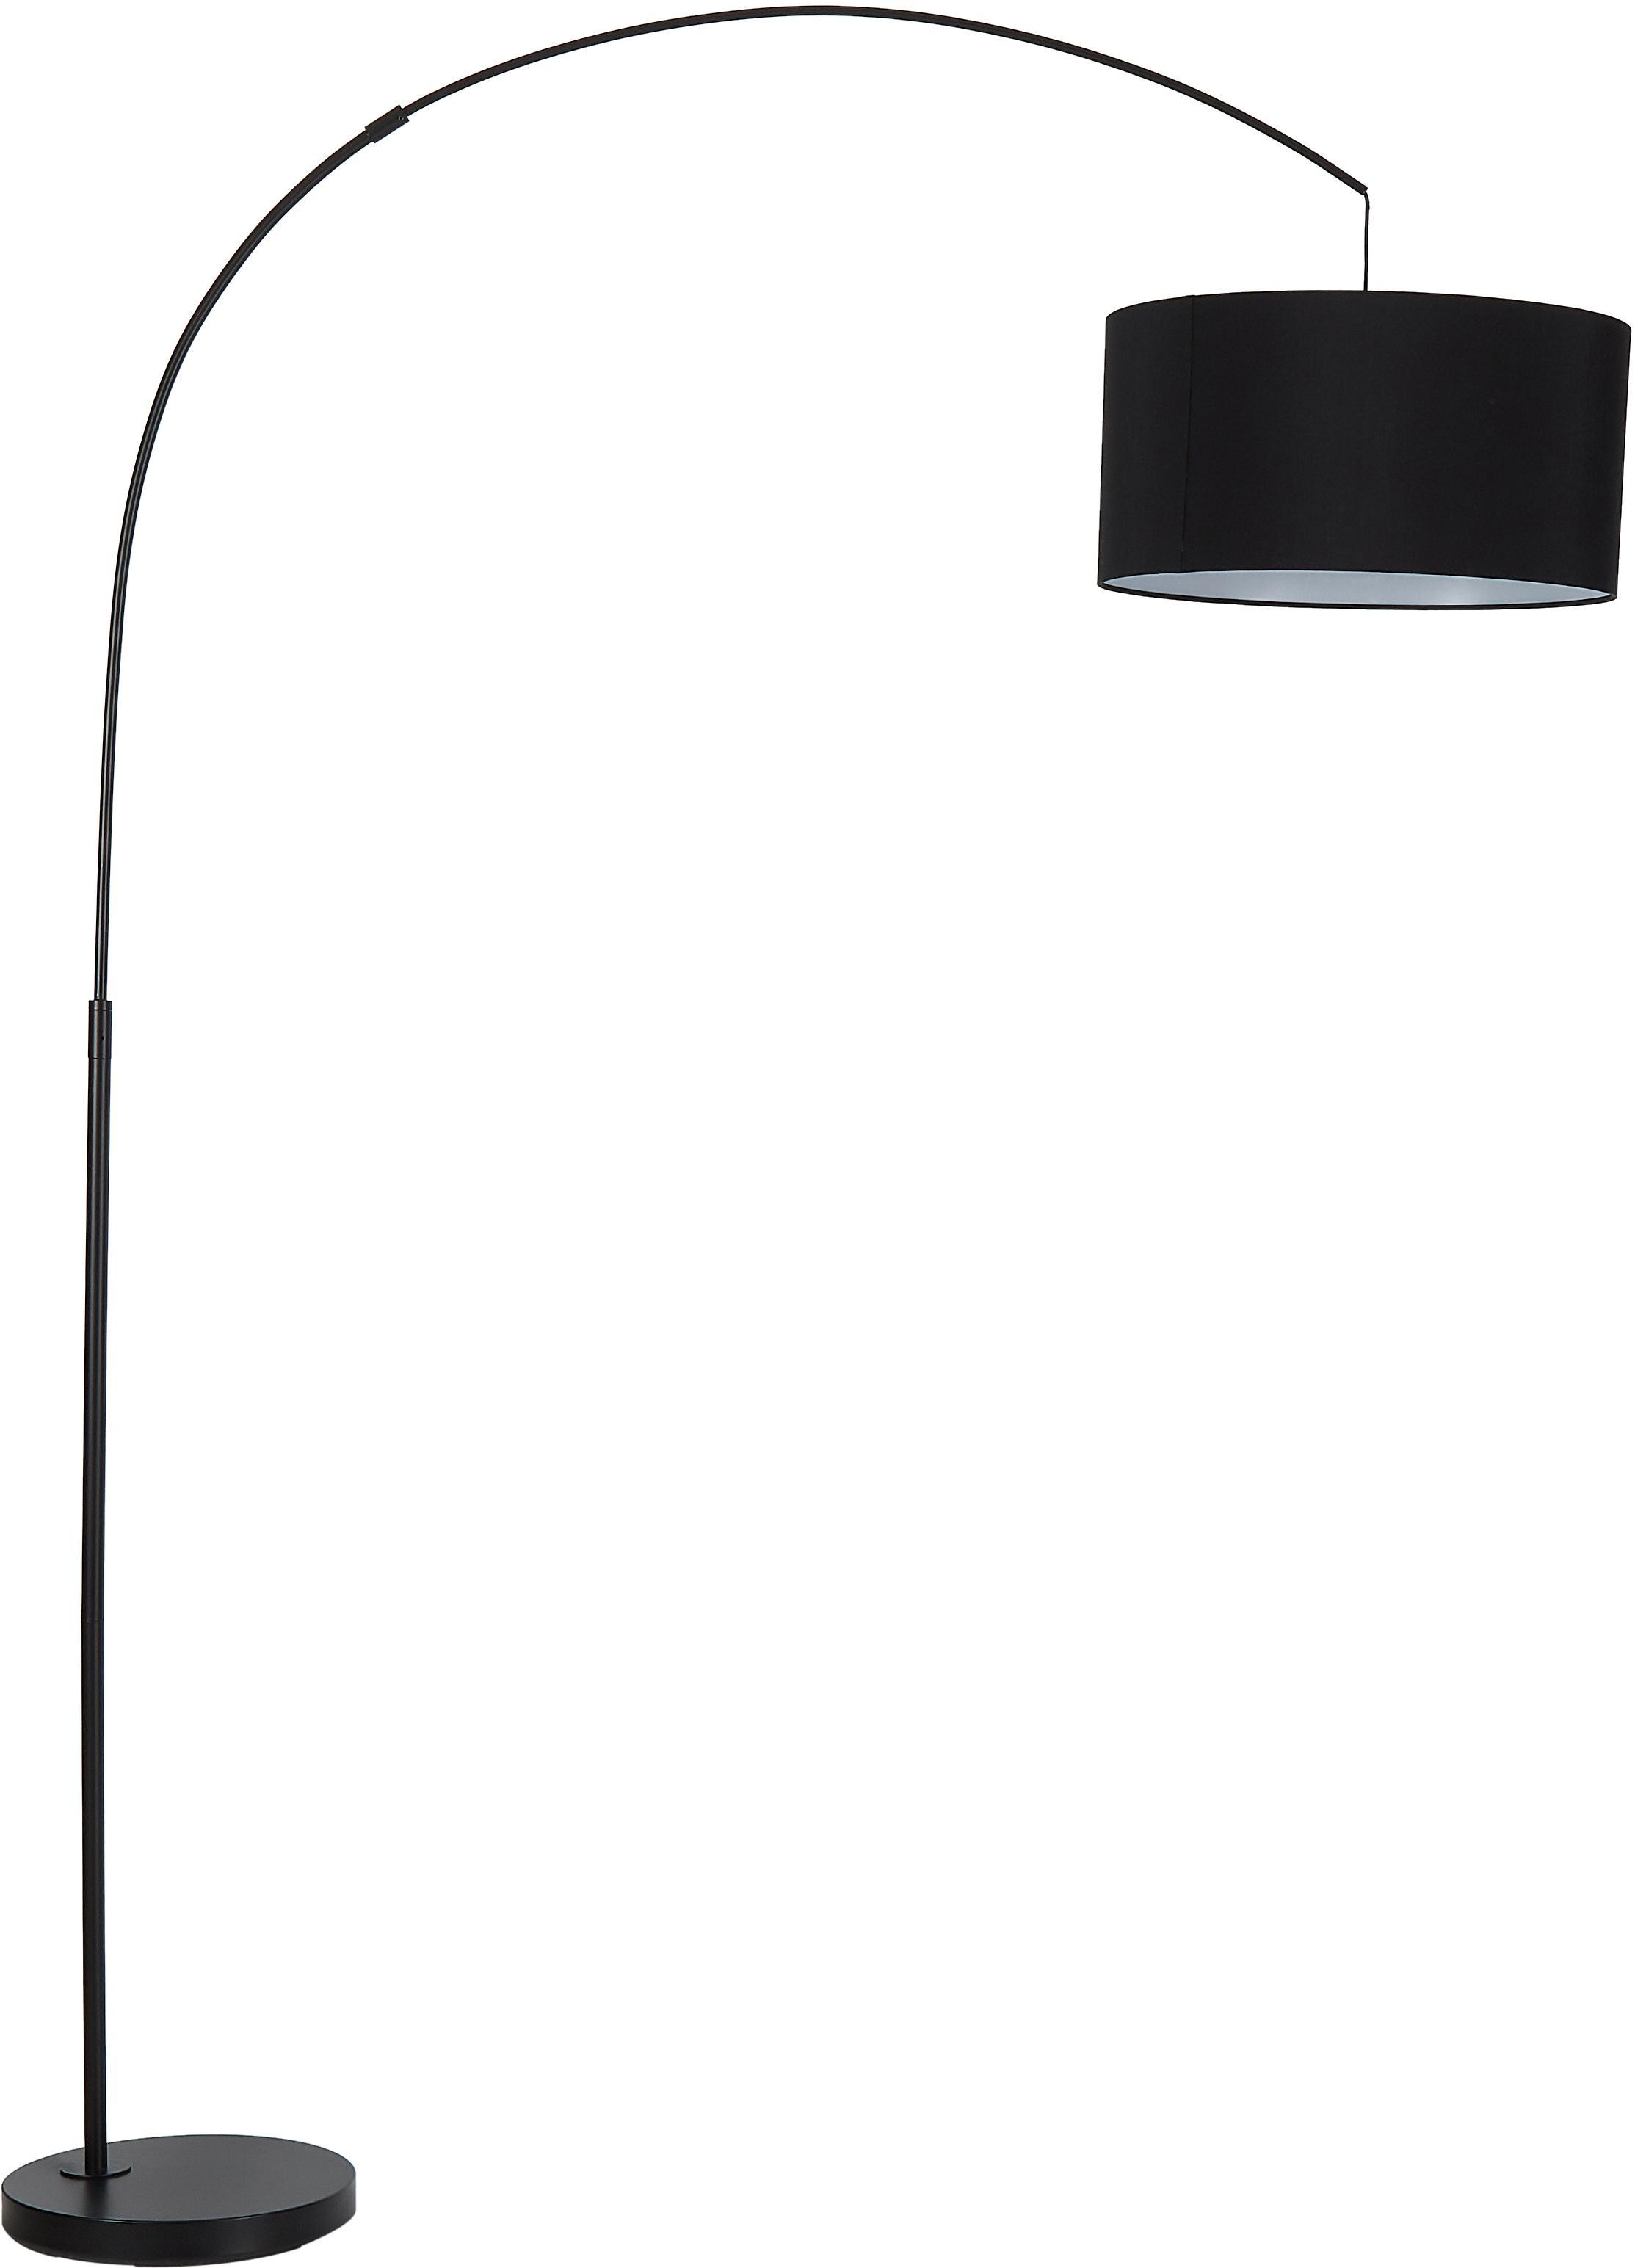 Moderne Bogenlampe Niels, Lampenschirm: Baumwollgemisch, Lampenfuß: Metall, pulverbeschichtet, Lampenschirm: SchwarzLampenfuß: Schwarz, mattKabel: Schwarz, 157 x 218 cm